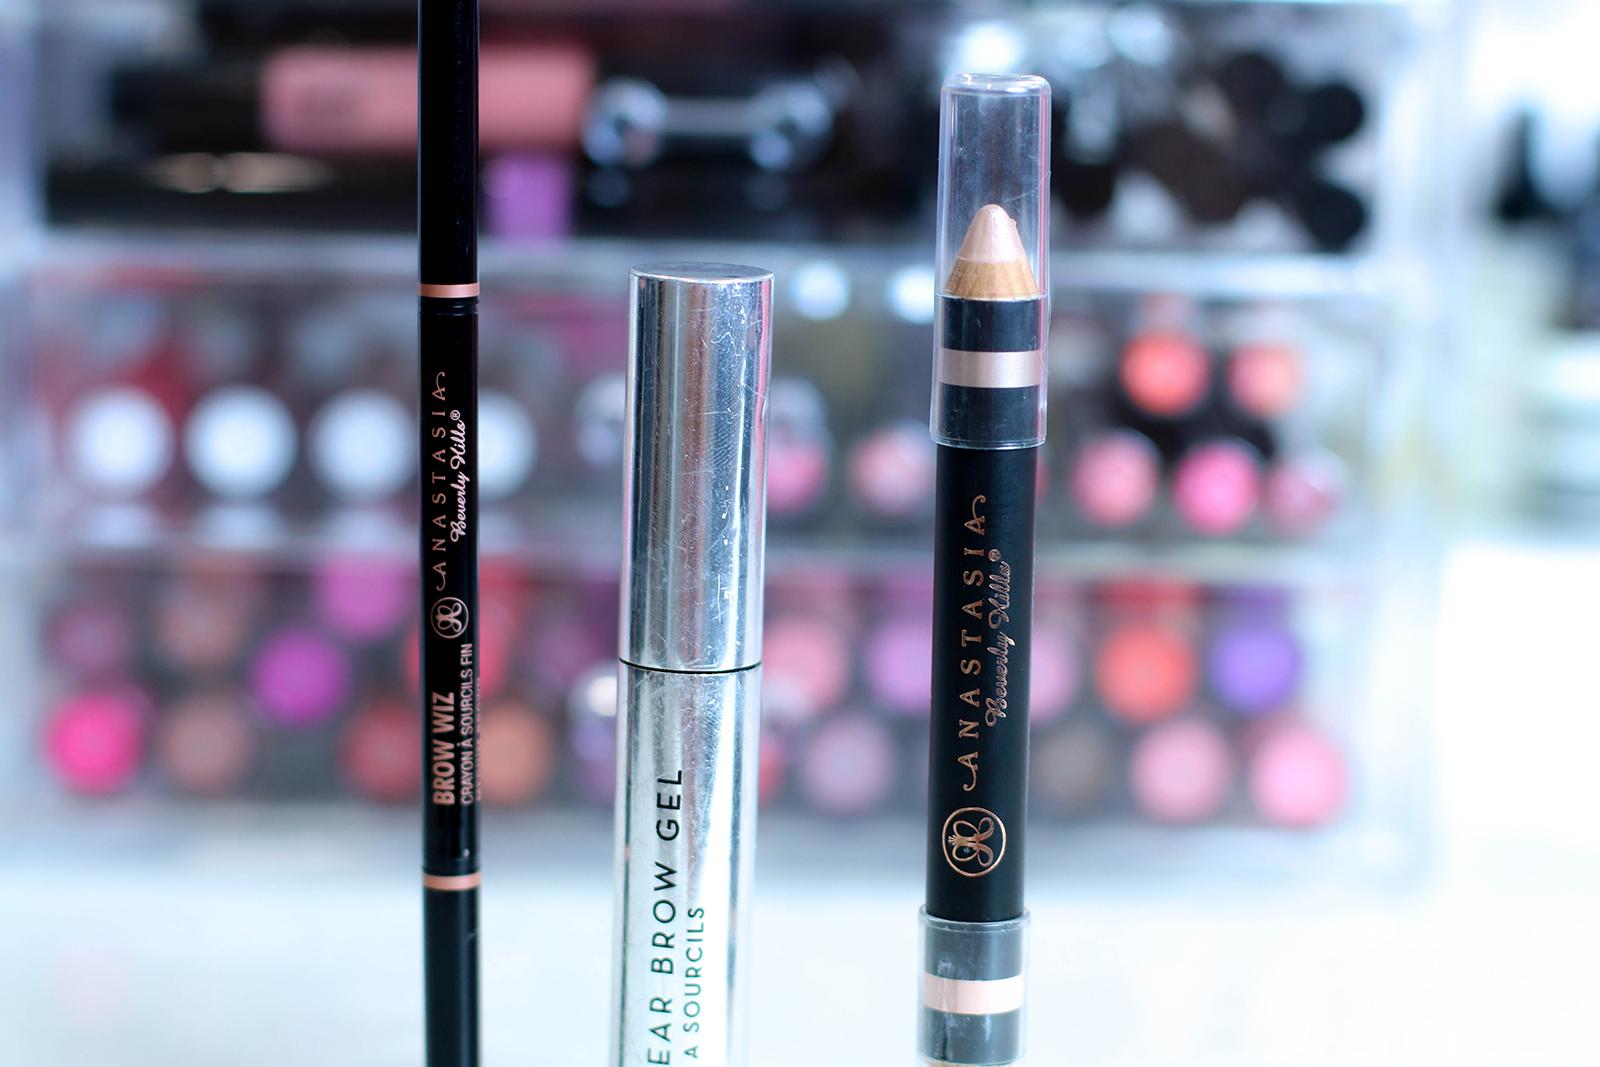 Produits Anastasia Beverly Hills : lesquels j'utilise pour mes sourcils ?